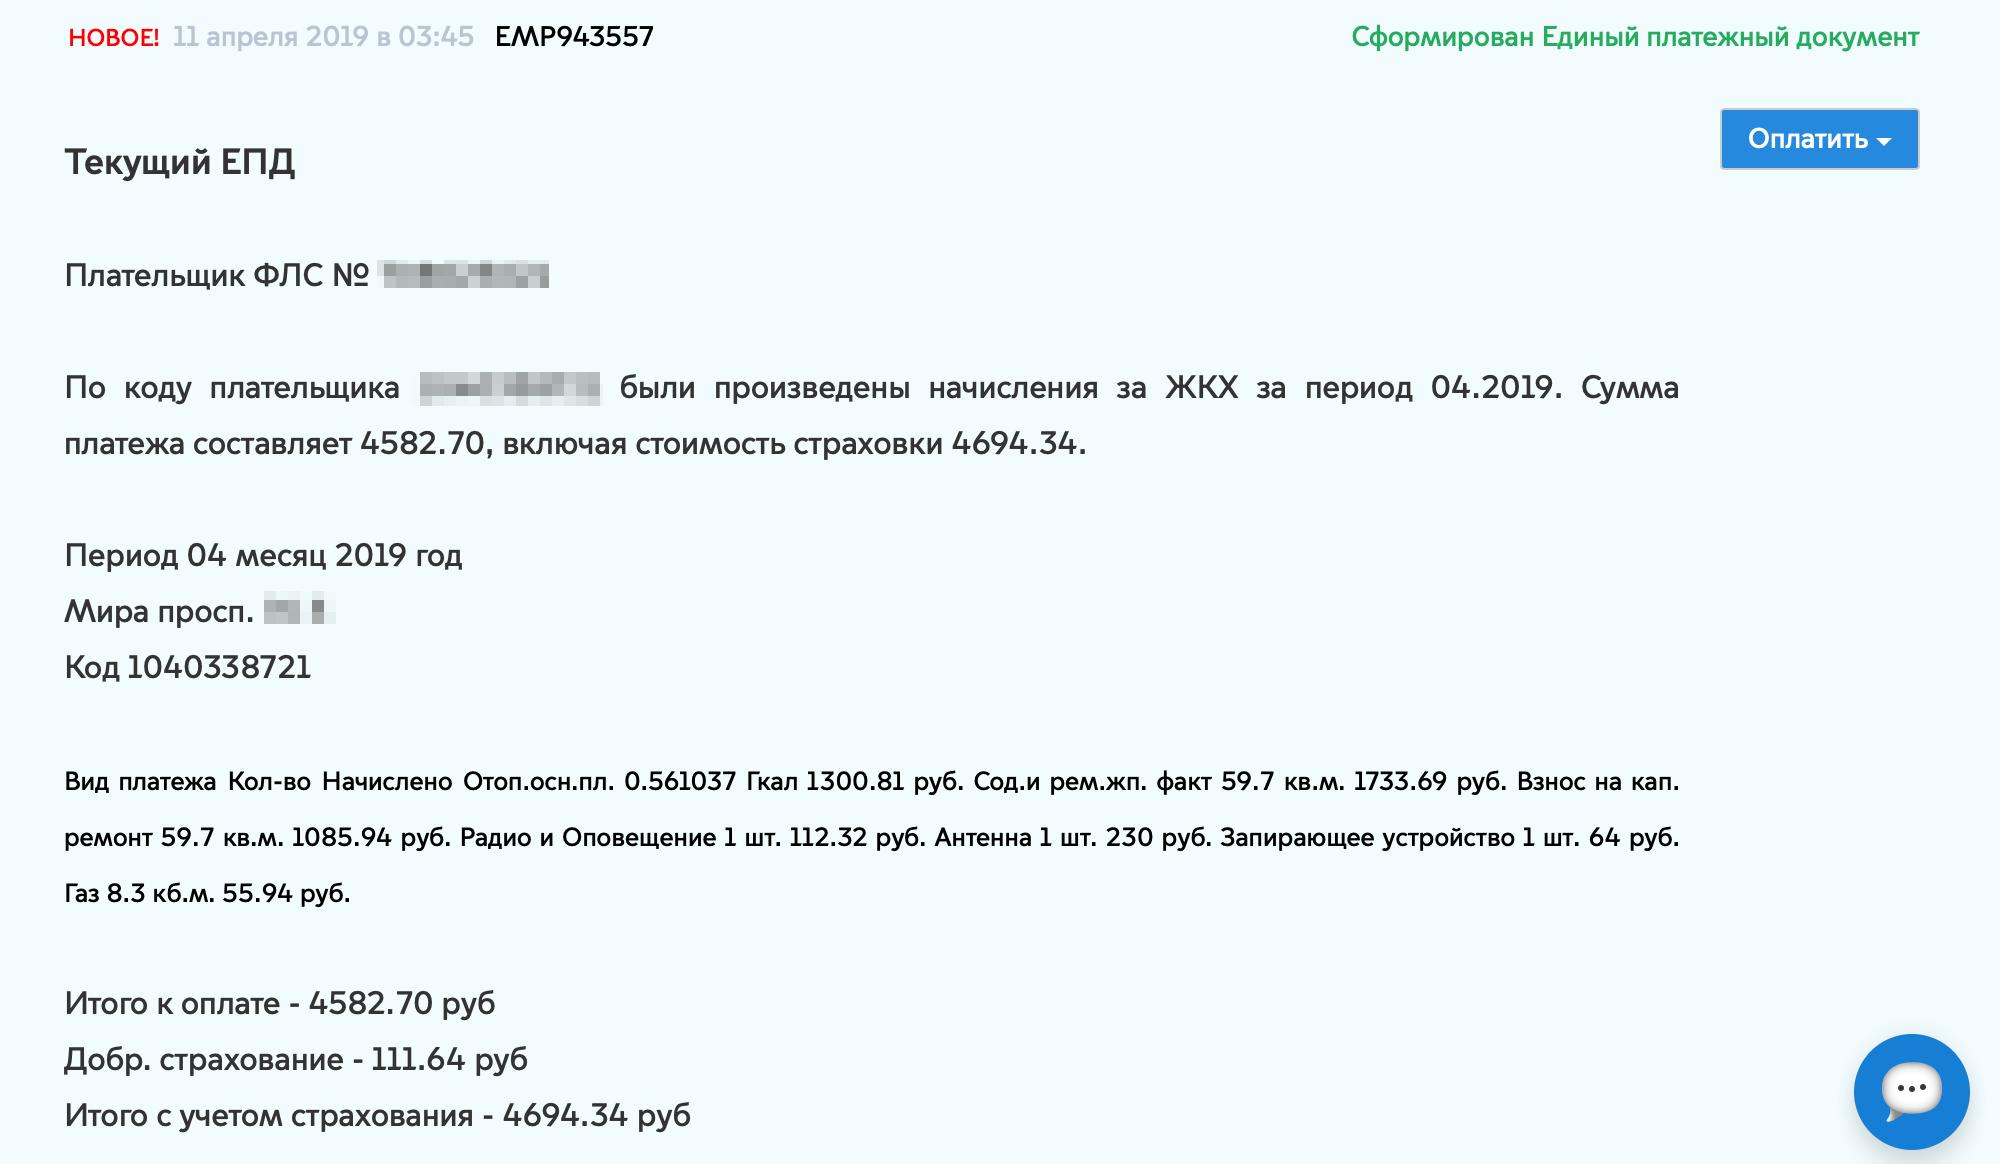 Запрошенный ЕПД на сайте мэра Москвы